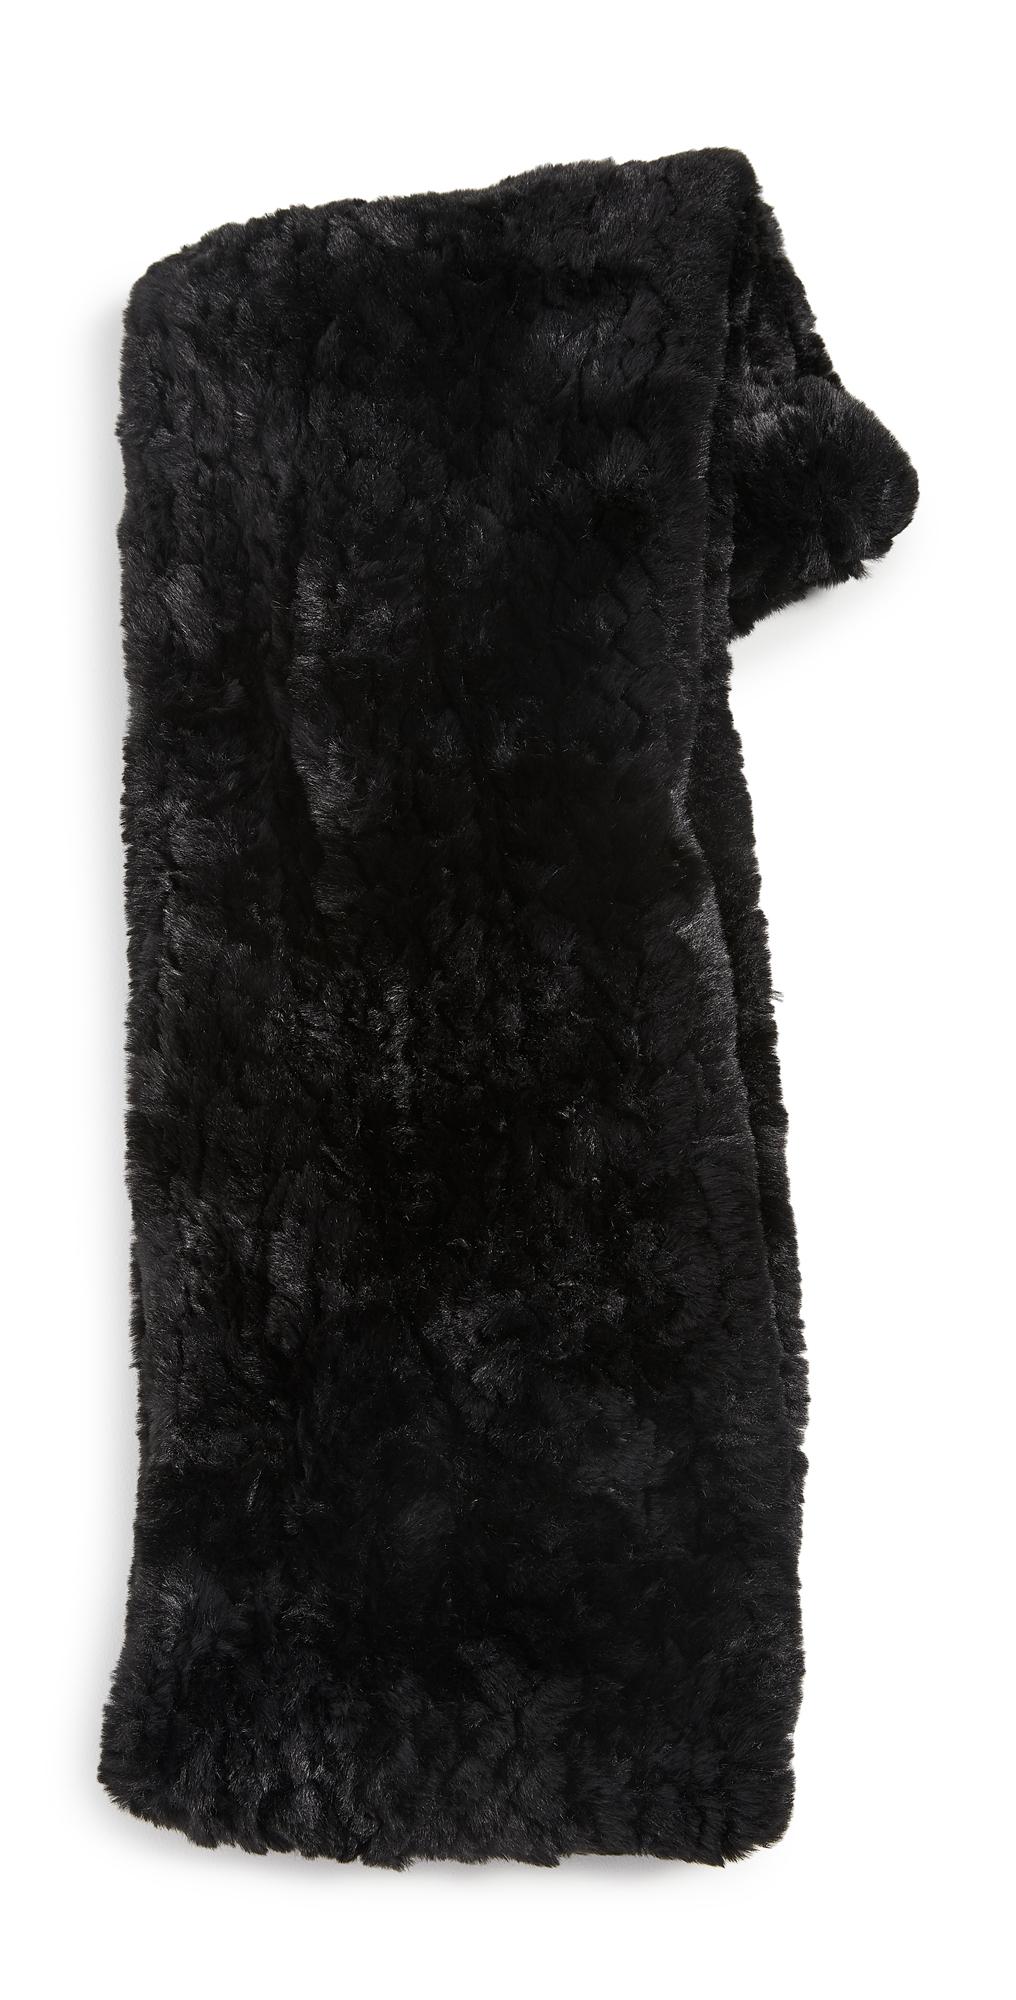 Jocelyn Knitted Faux Fur Infinity Scarf